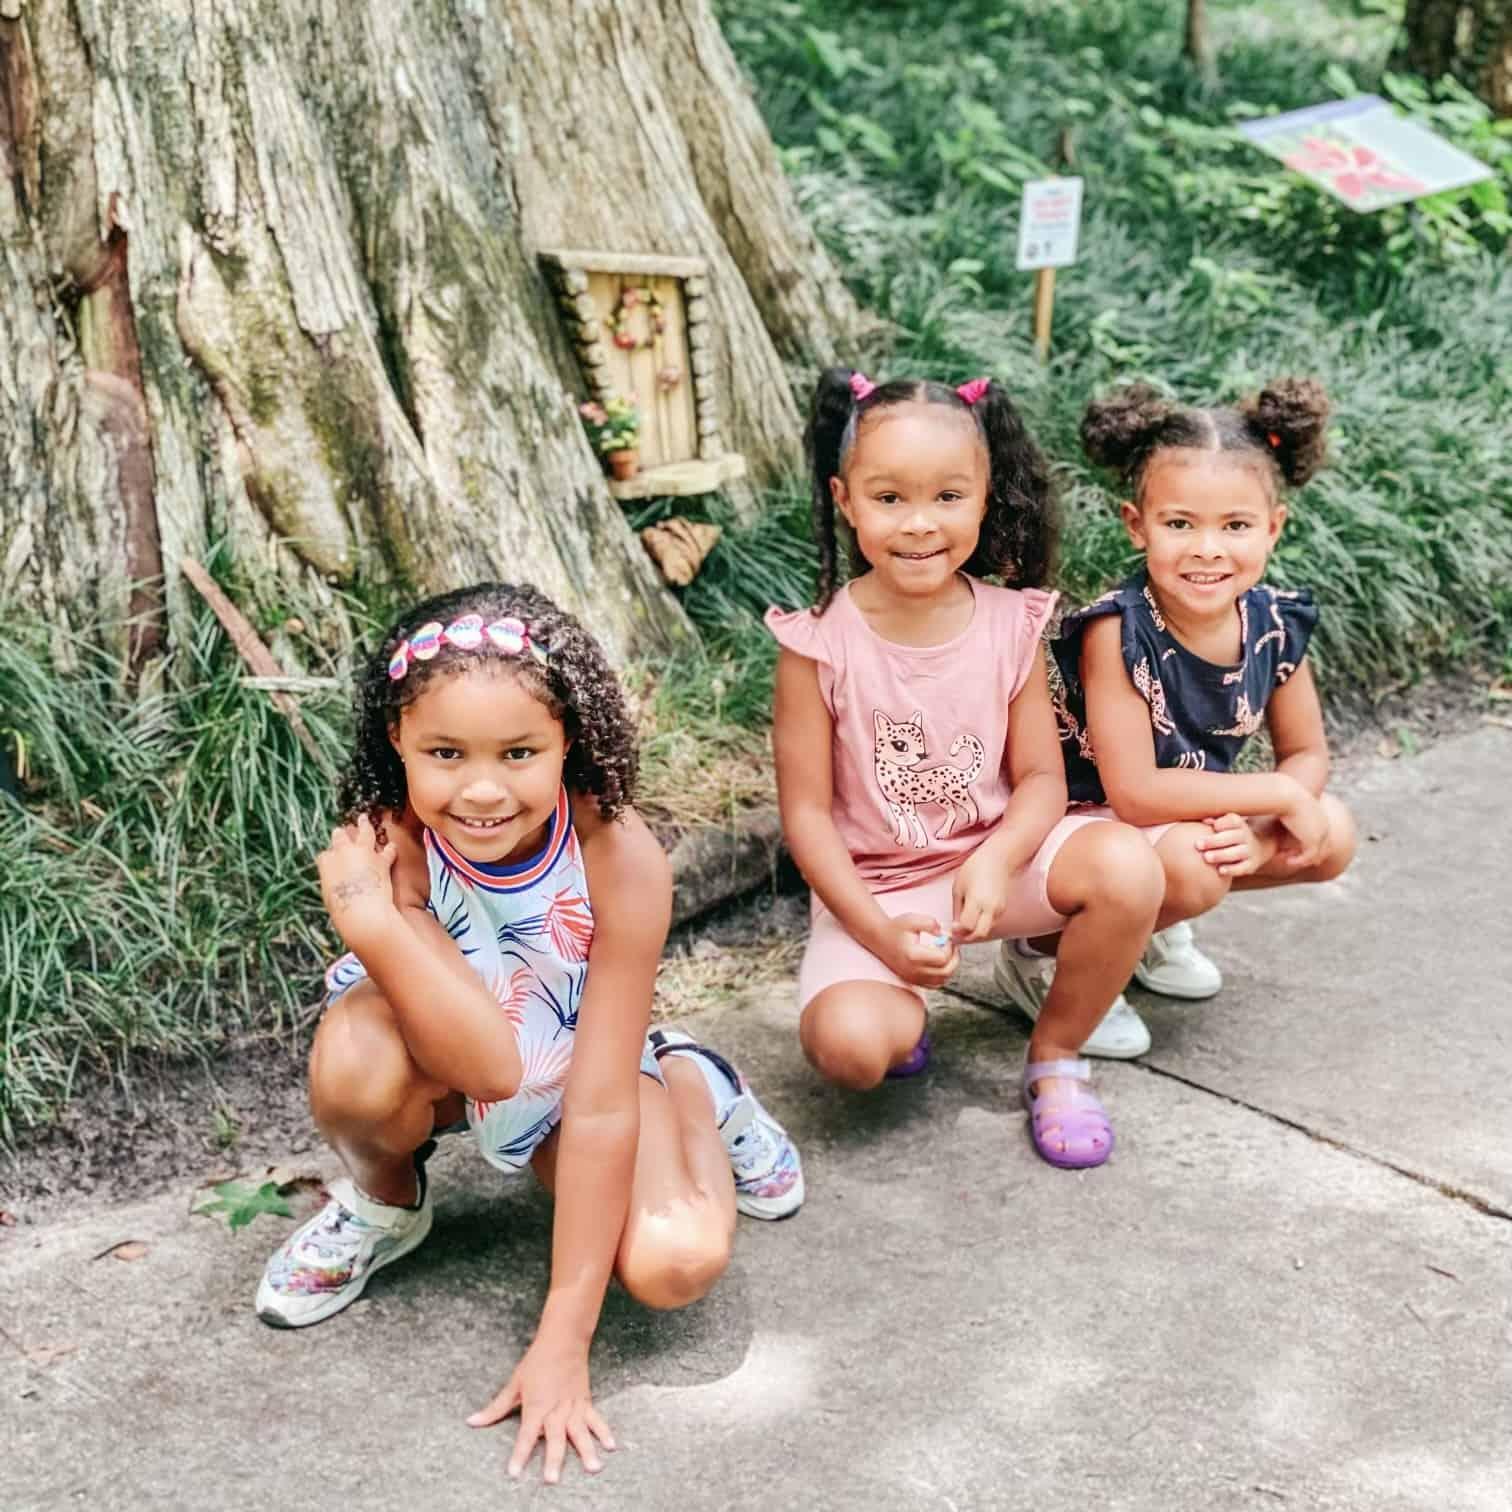 Children at Leau Garden fairy castle